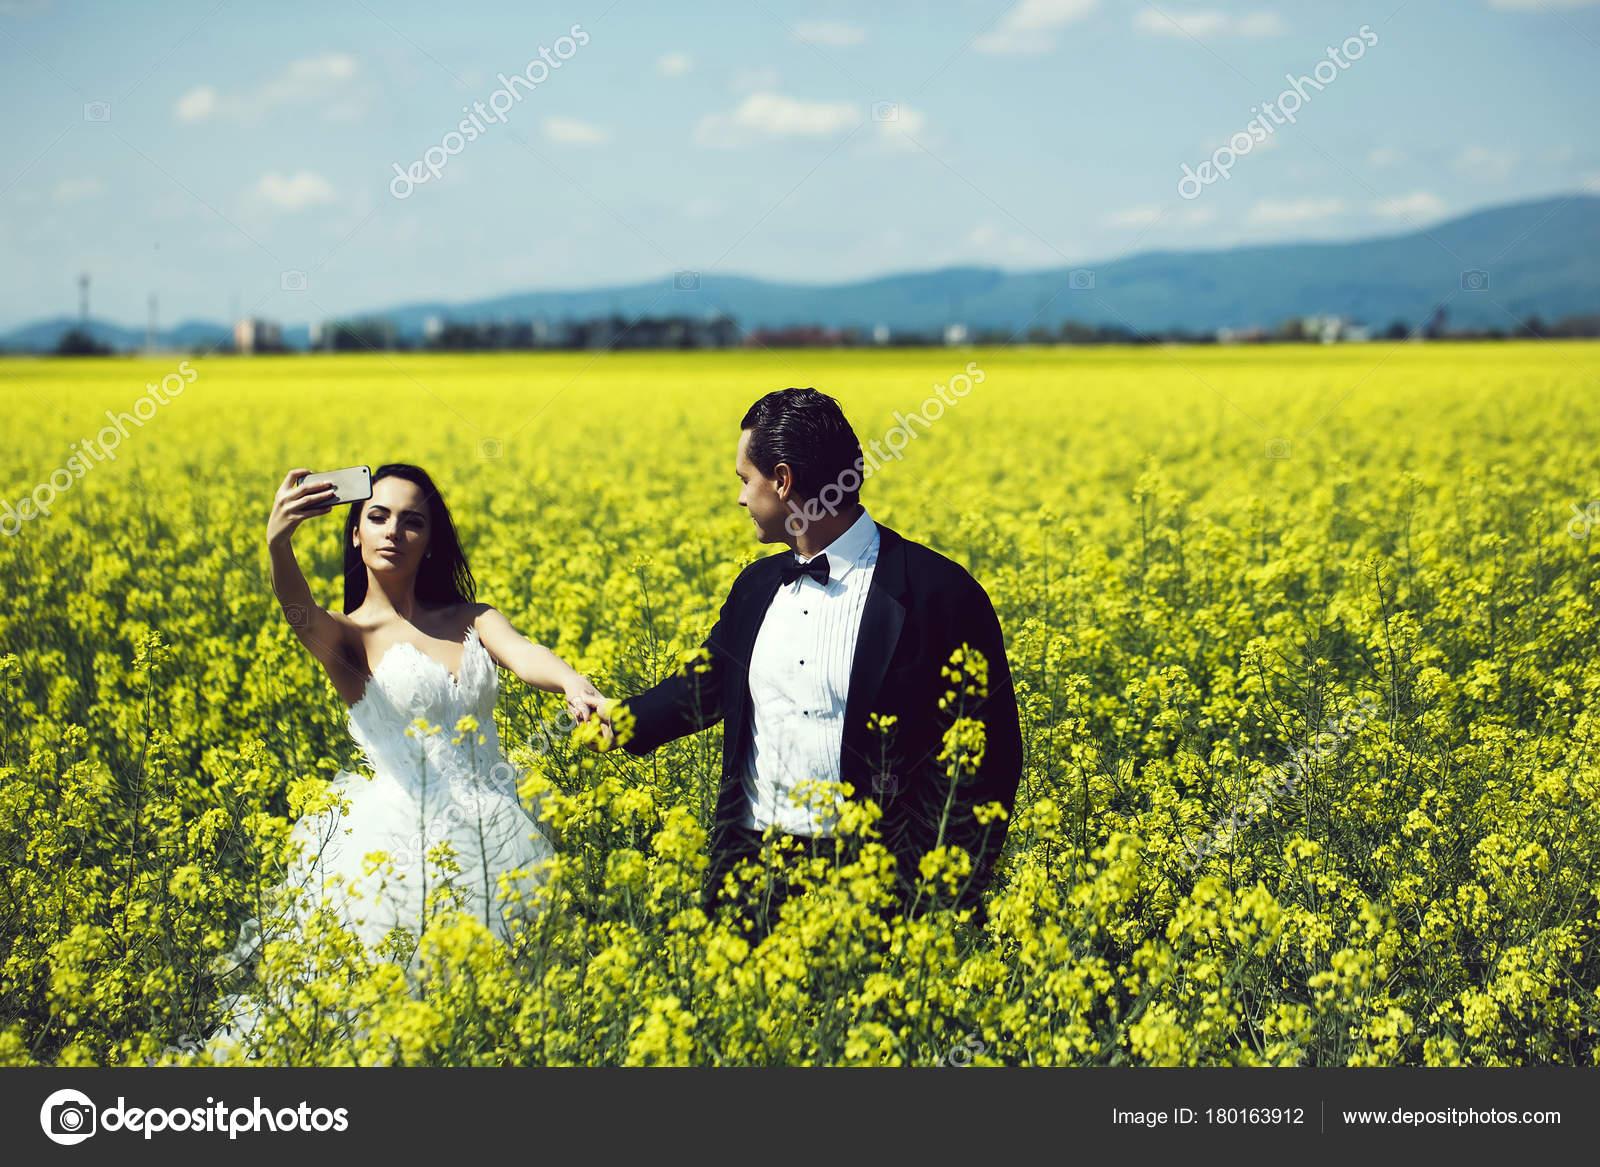 Fiori Gialli Da Campo.Coppie Di Cerimonia Nuziale In Fiori Di Campo Giallo Foto Stock